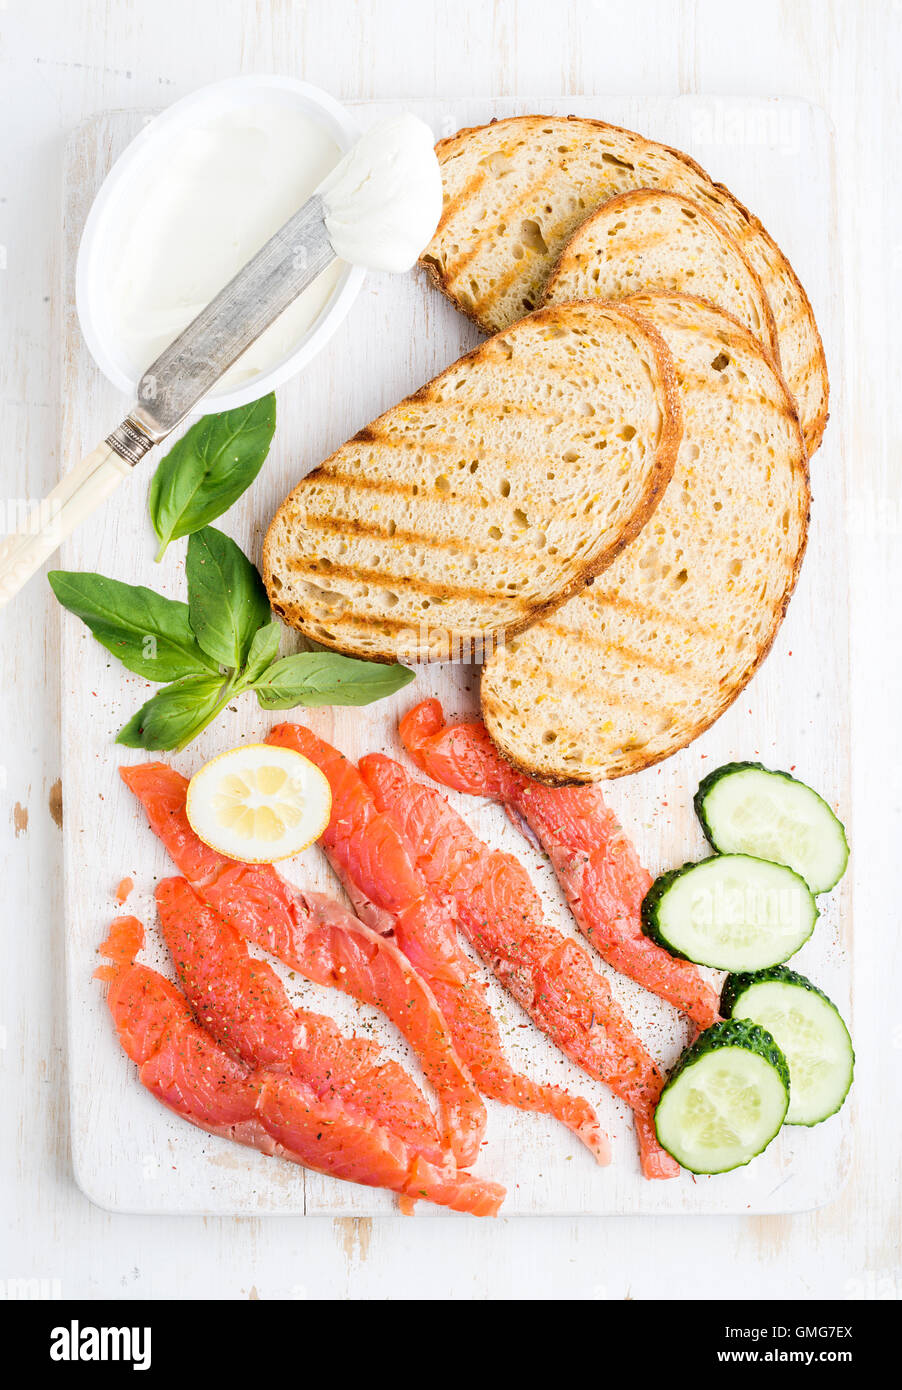 Ingredienti per una sana sandwich. Grigliate le fette di pane, salmone affumicato, il formaggio, il cetriolo nd Immagini Stock